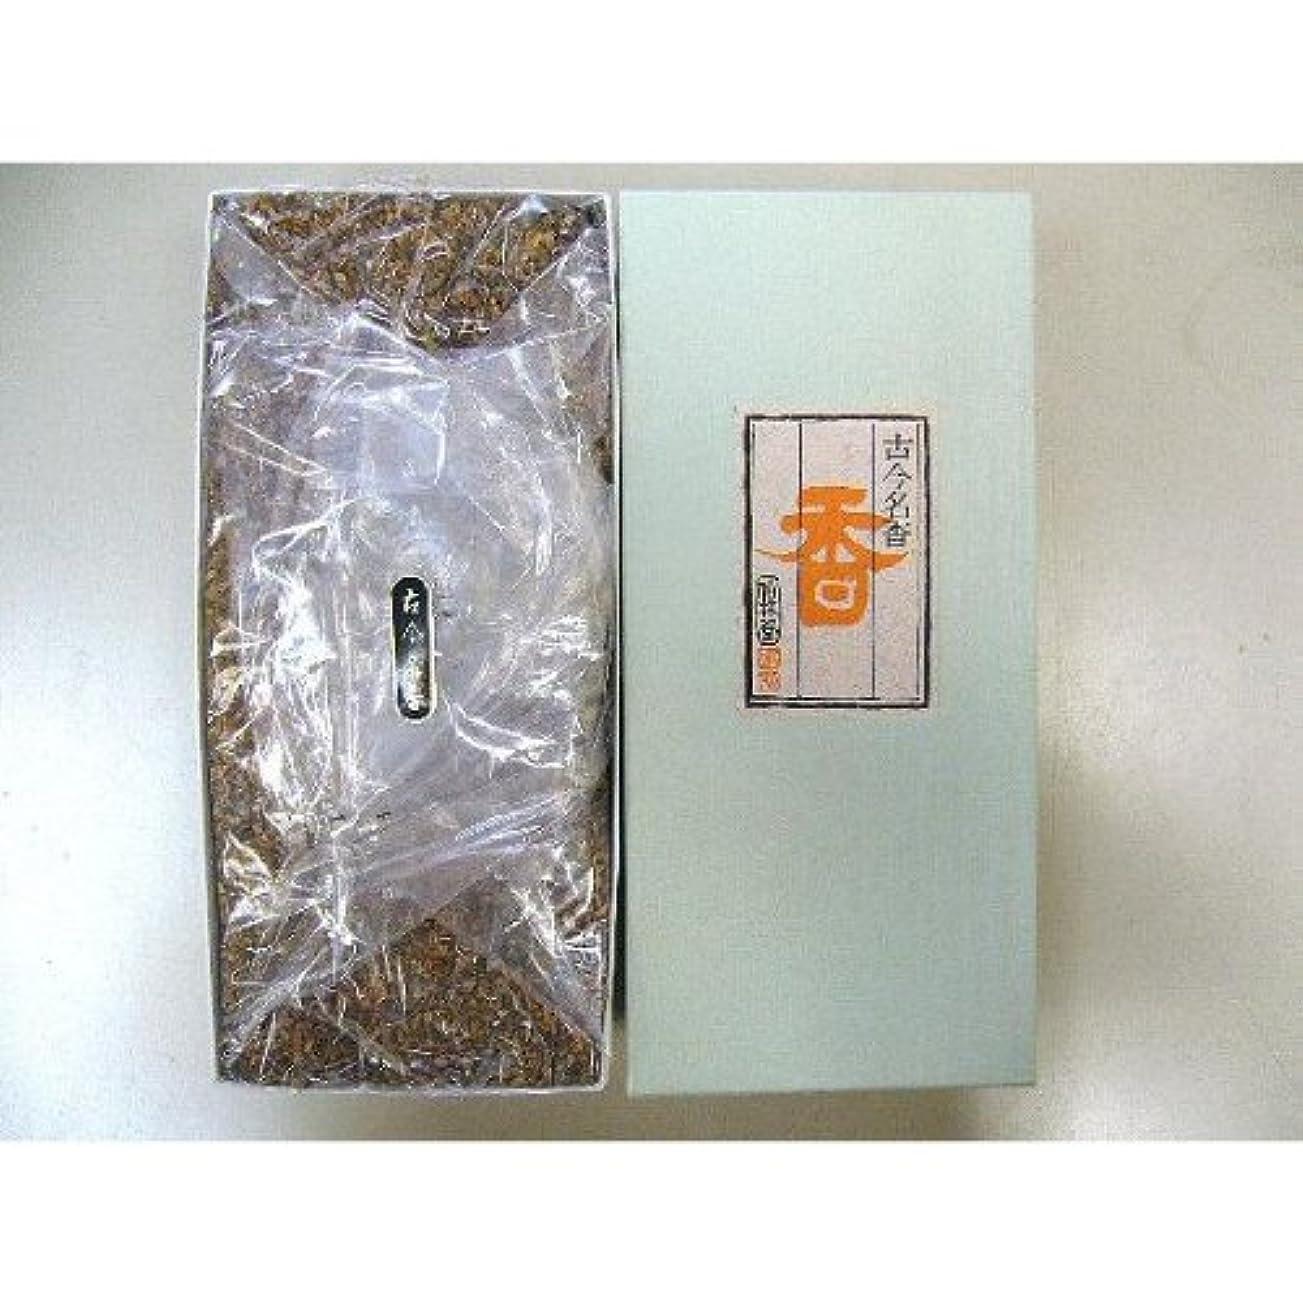 開発壁好きである焼香 古今名香500g箱入 抹香